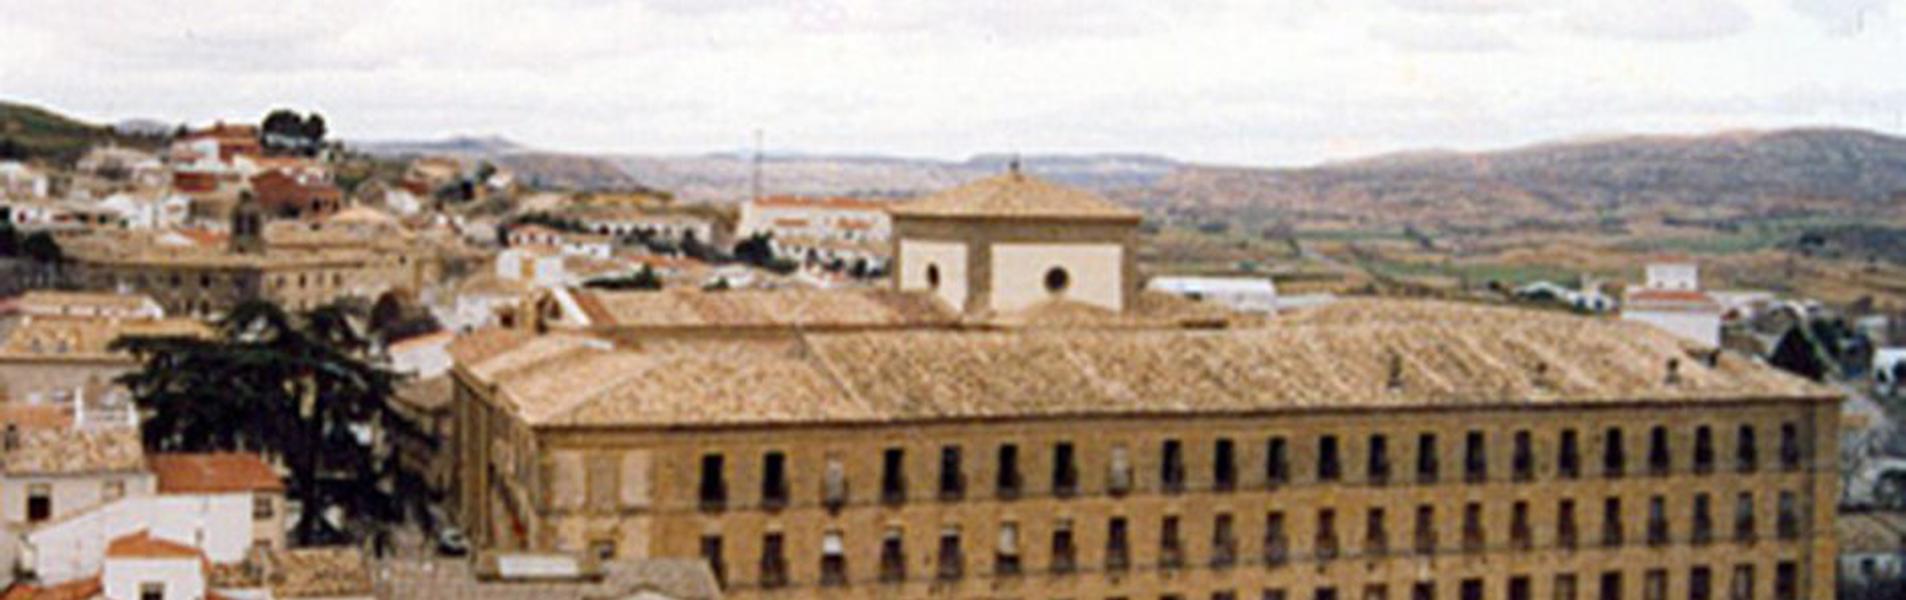 Monasterio de Nuestra Señora de la Merced